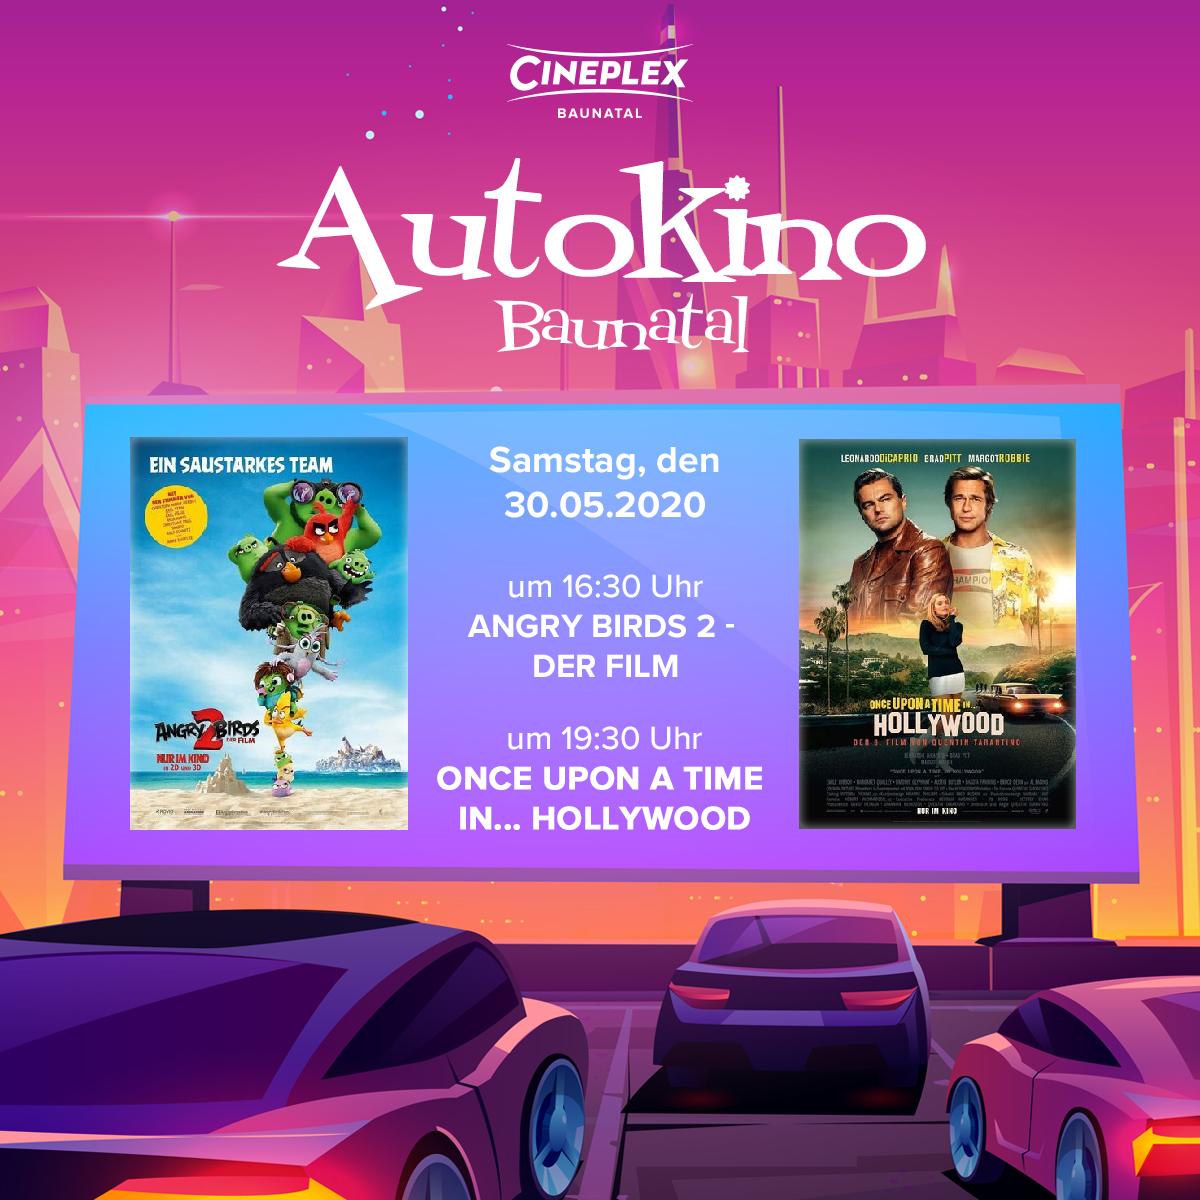 Die letzte Woche für das Autokino Baunatal steht an!   Zumindest vorerst. Denn wir wiedereröffnen unser Kino ab dem 4.6. & werden somit am 3.6. unsere letzte Autokino-Vorstellung zeigen.   ..wir werden im Hochsommer mit einem Mix aus Open Air- und Autokino zurück kommen! pic.twitter.com/UWgmdkwv6l